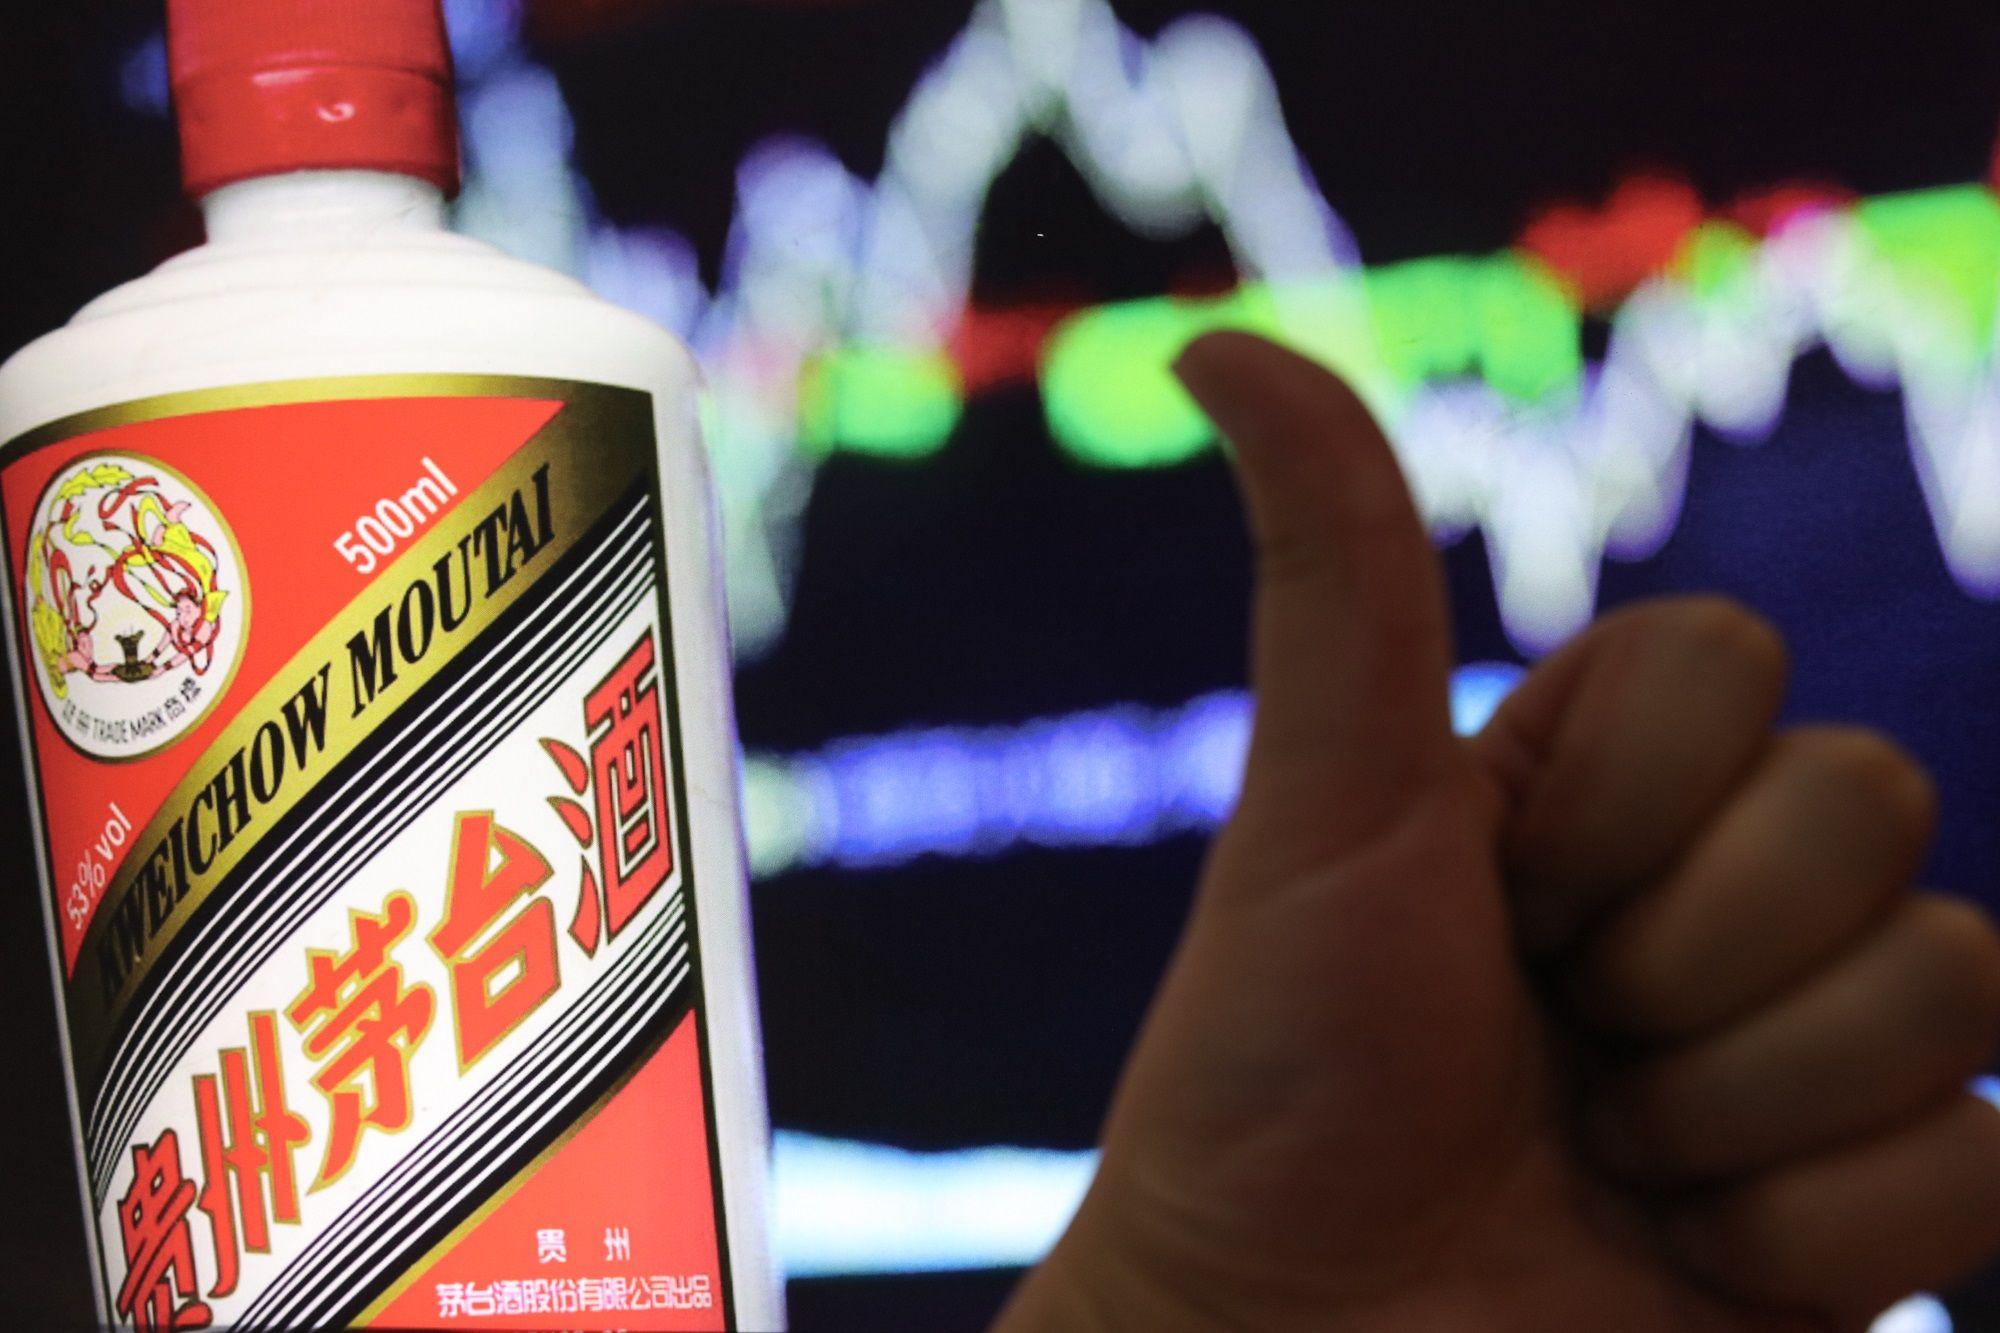 茅台集团获评新京报年度标杆品牌力企业